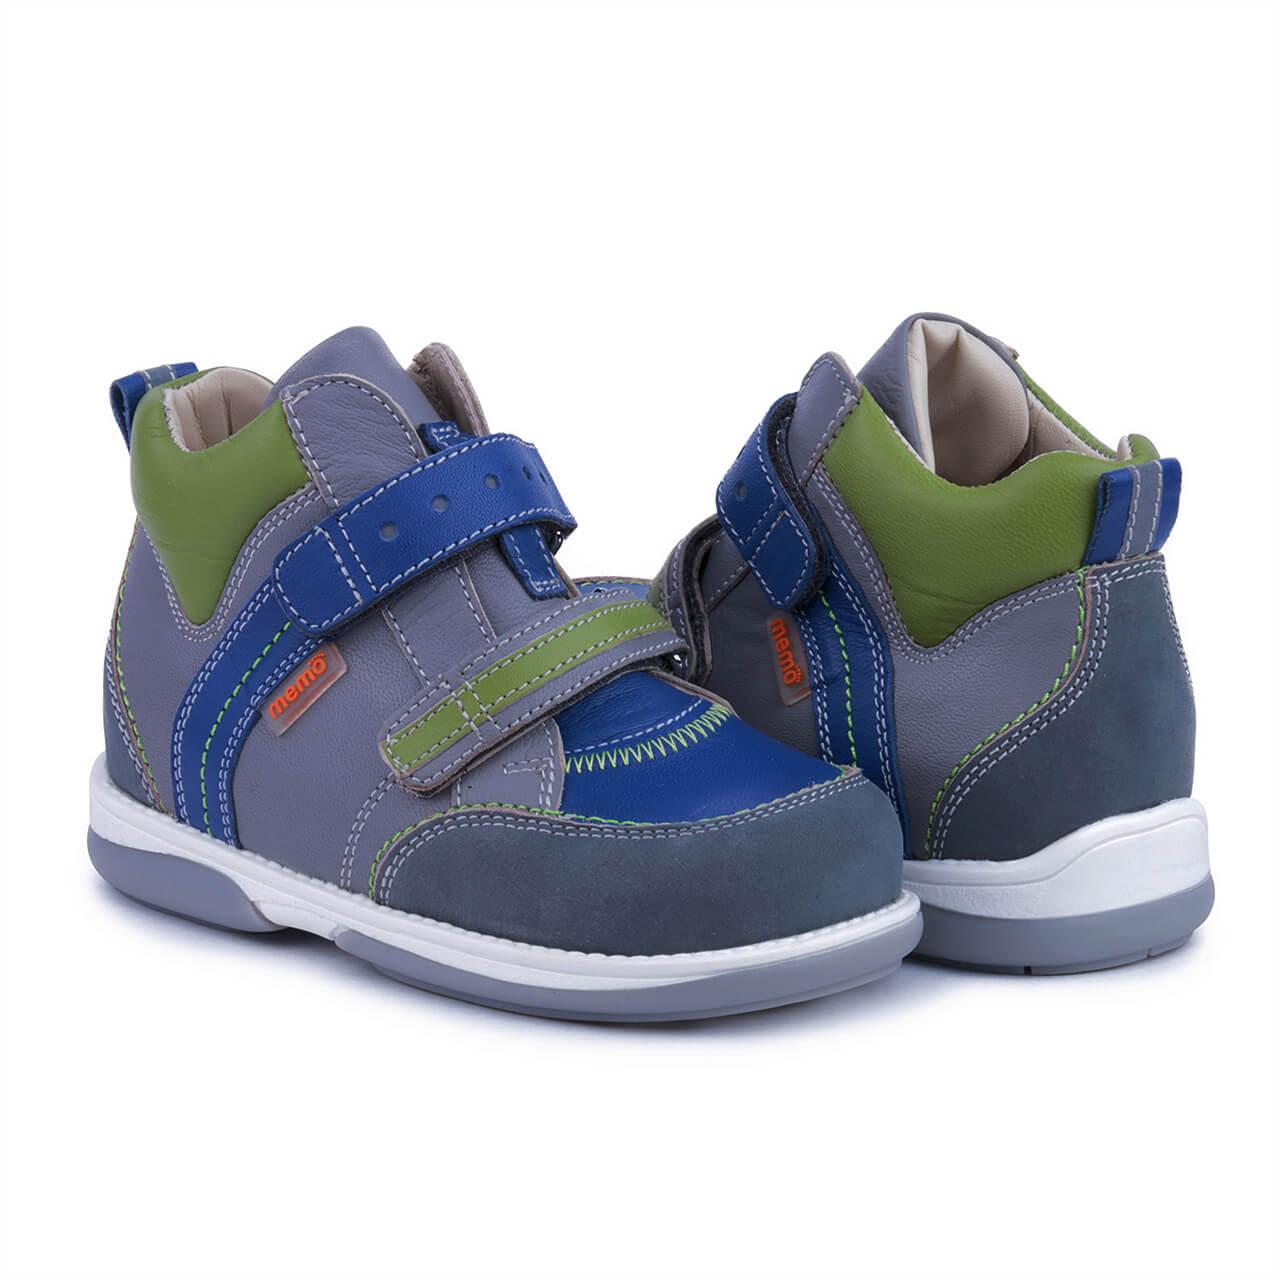 Memo Polo Junior Серый Синий Зеленый - Ортопедические кроссовки для детей 24